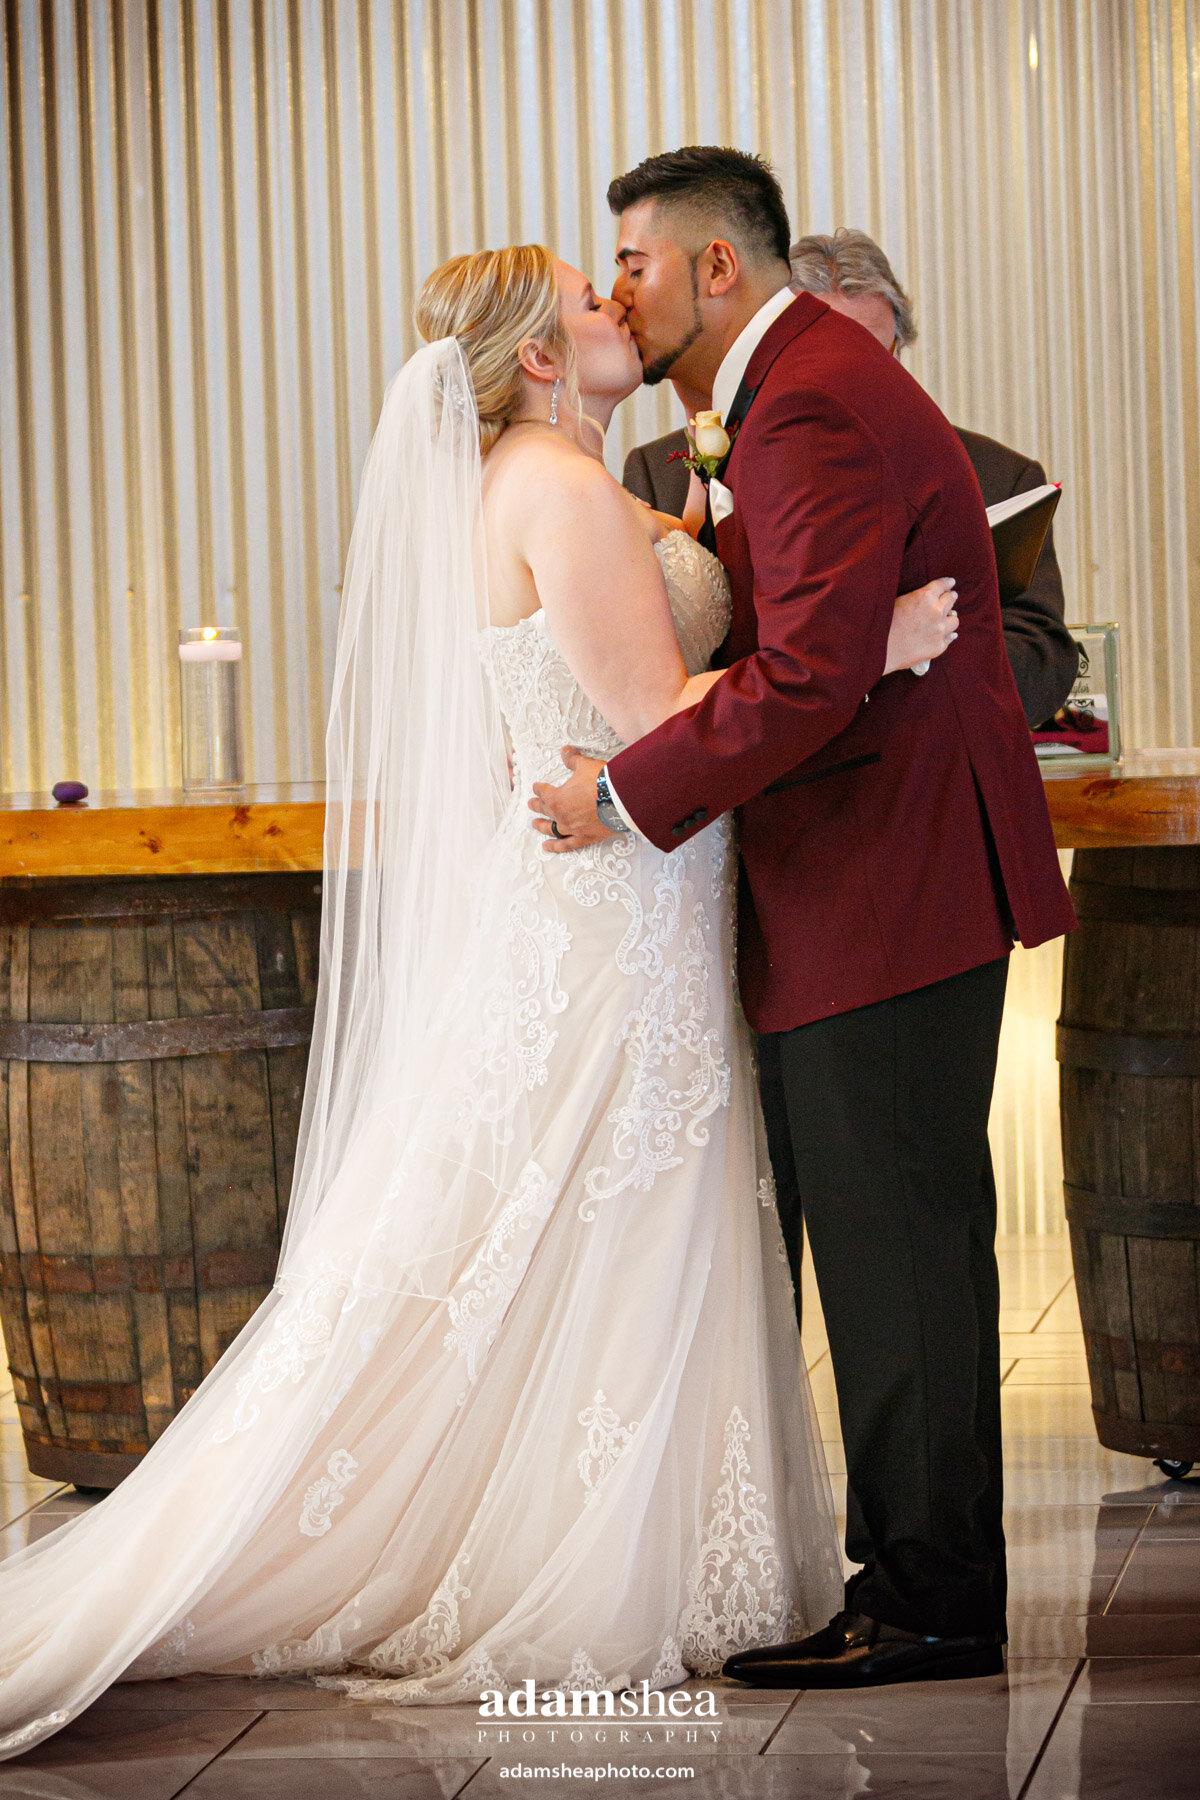 Taylor-Favian-Sepia-Wedding-Chapel-Adam-Shea-Photography-Two-Rivers-WI00013.jpg